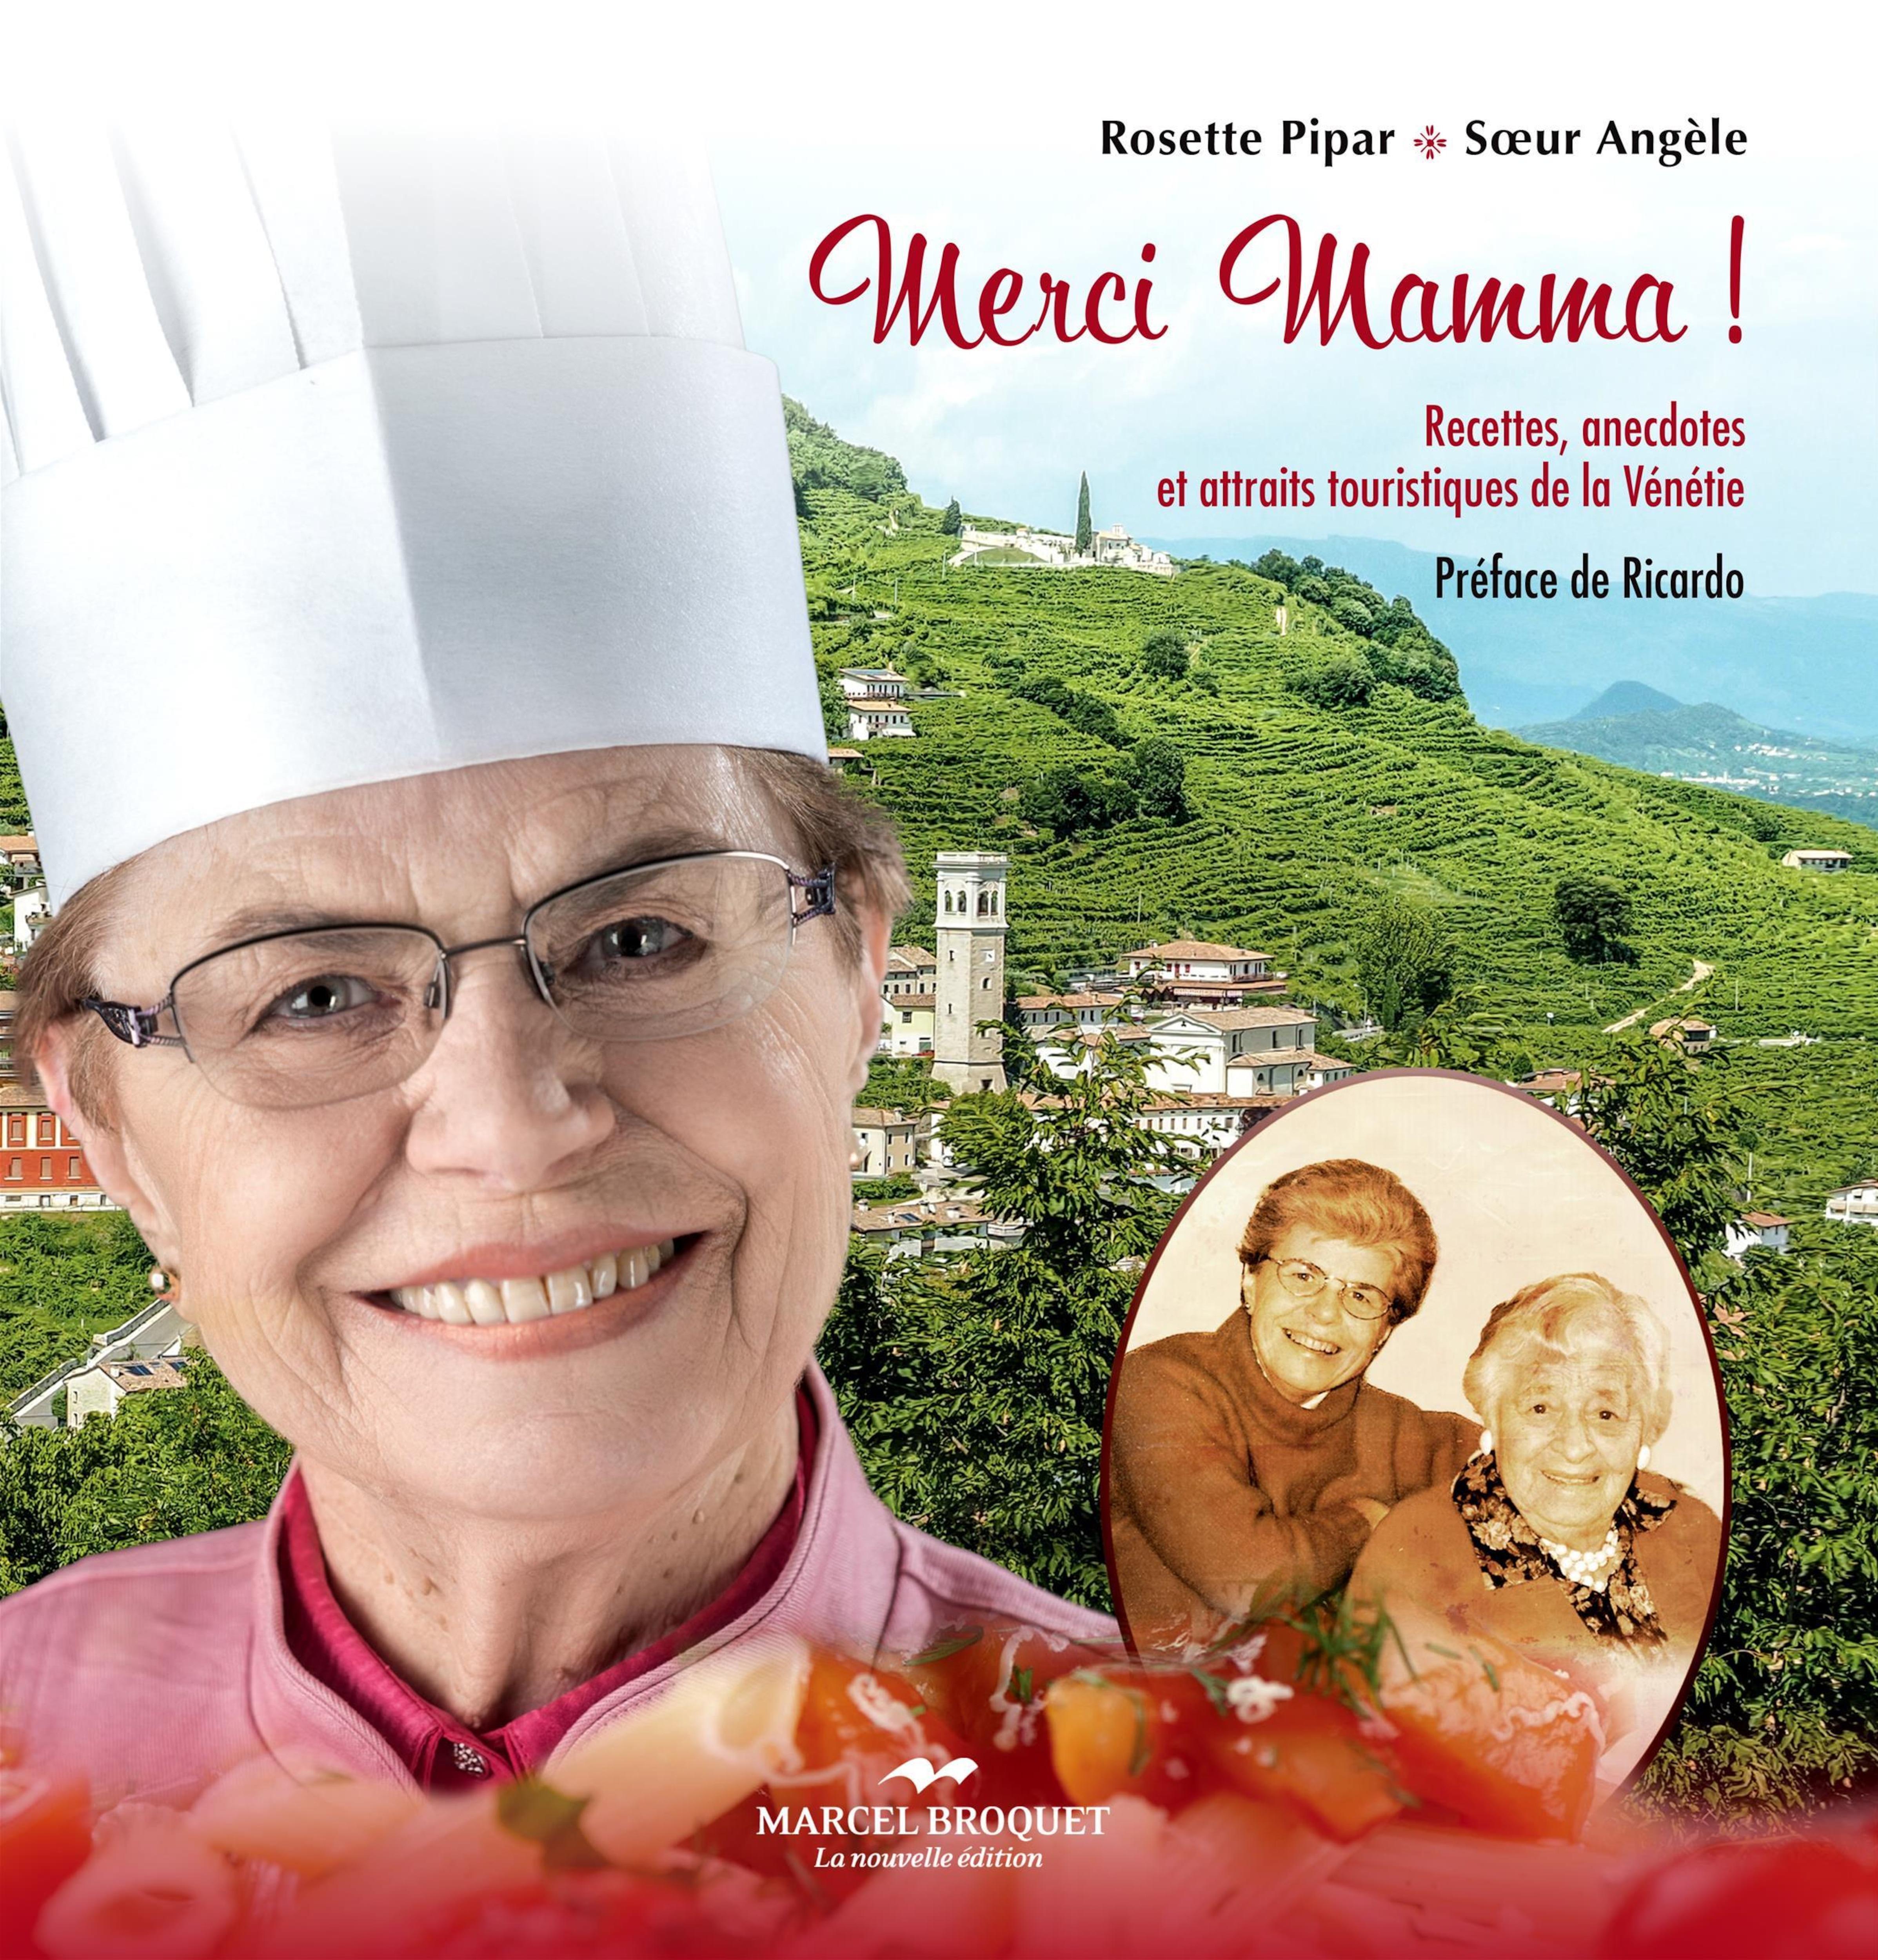 La couverture du livre  «Merci Mamma! : recettes, anecdotes et attraits touristiques de la Vénétie» de Soeur Angèle.